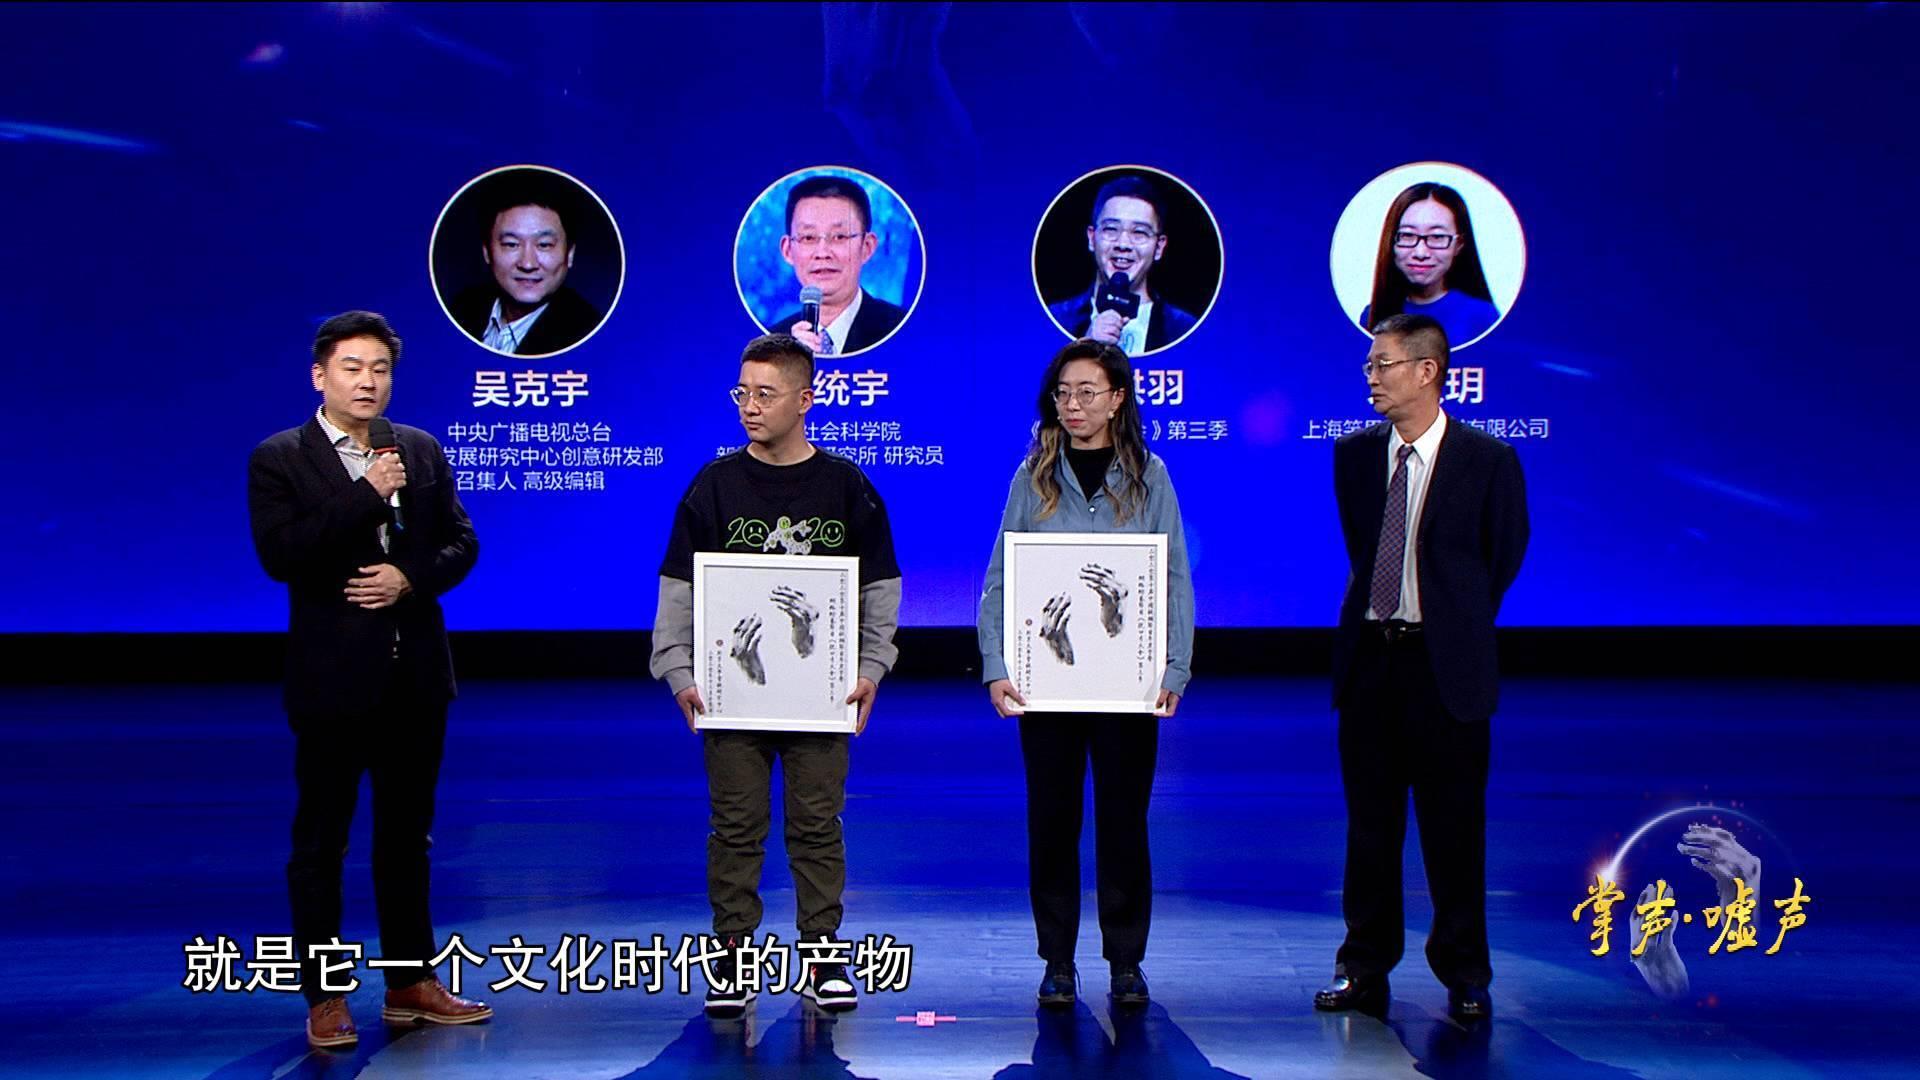 """2020中国视频节目年度""""掌声•嘘声""""丨《脱口秀大会》第三季制作方讲述节目""""爆红""""背后"""